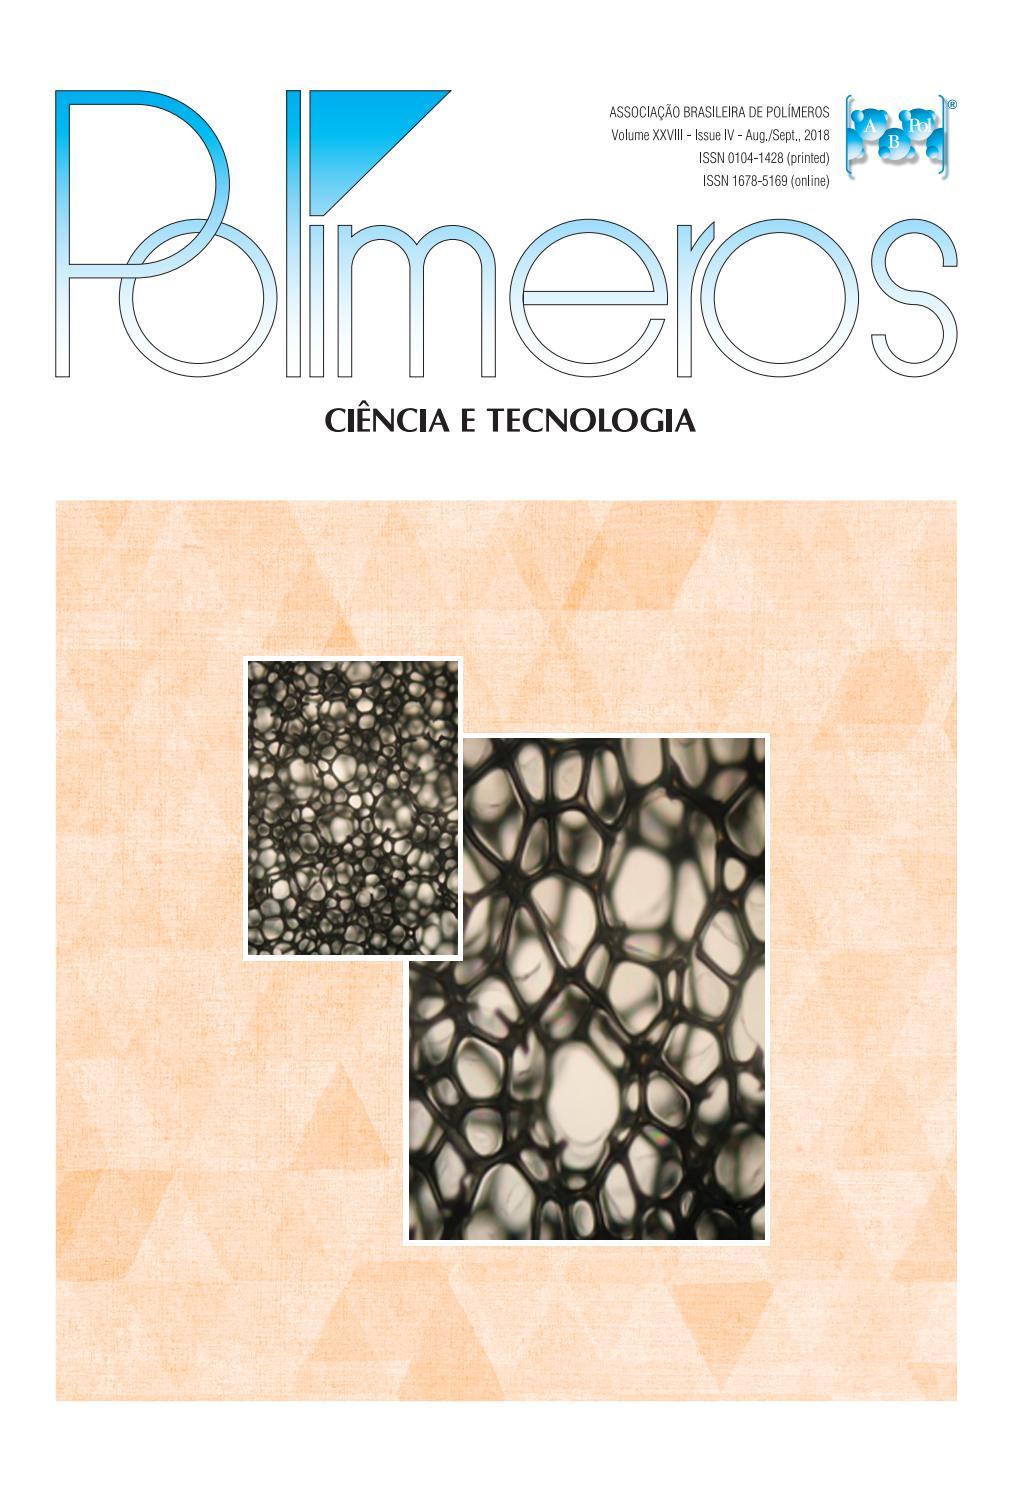 Polímeros: Ciência e Tecnologia 4th  issue, vol  28, 2018 by